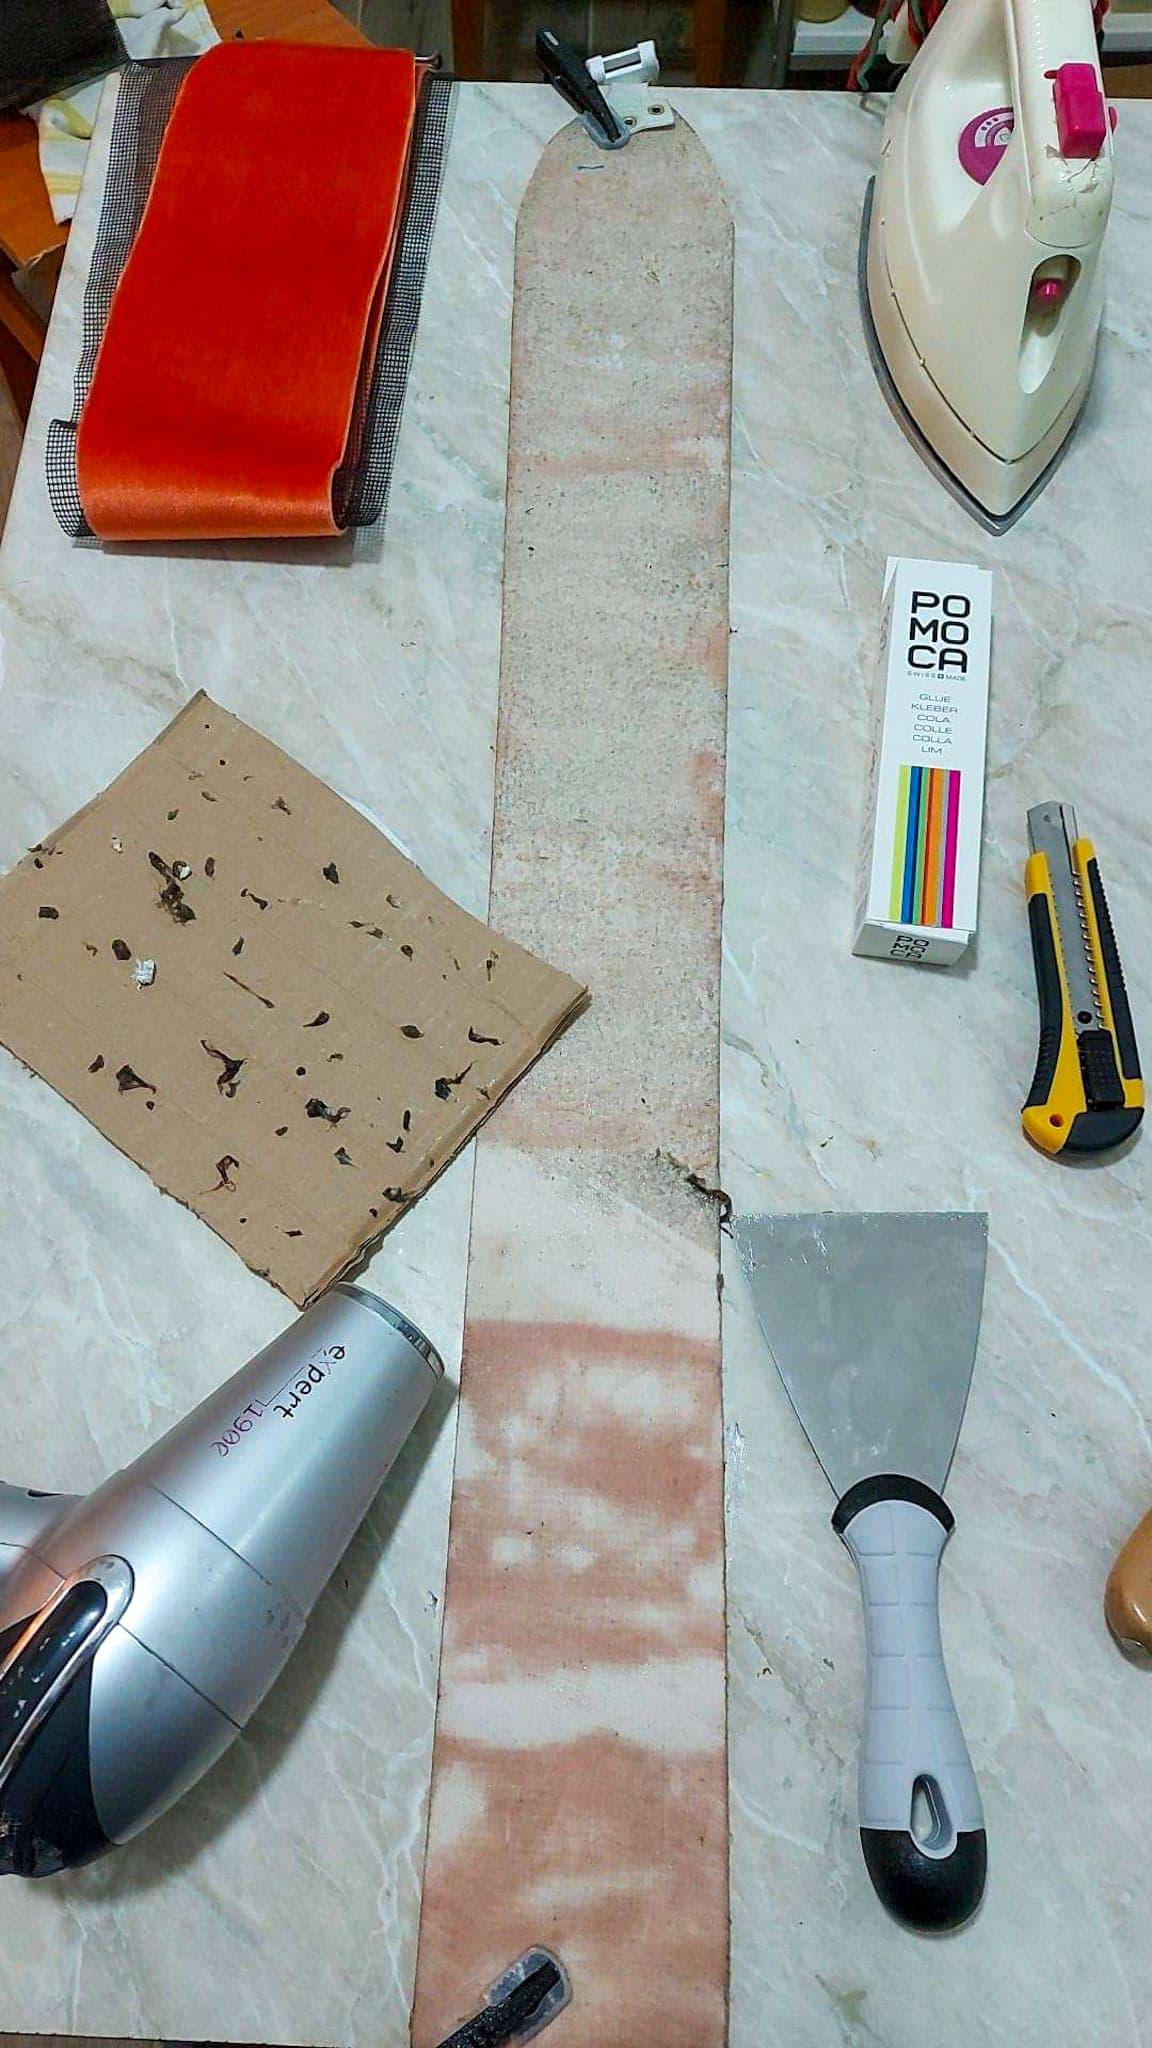 Folosirea unei spatule si a feonului pentru a incalzi si indeparta lipiciul vechi de pe foca